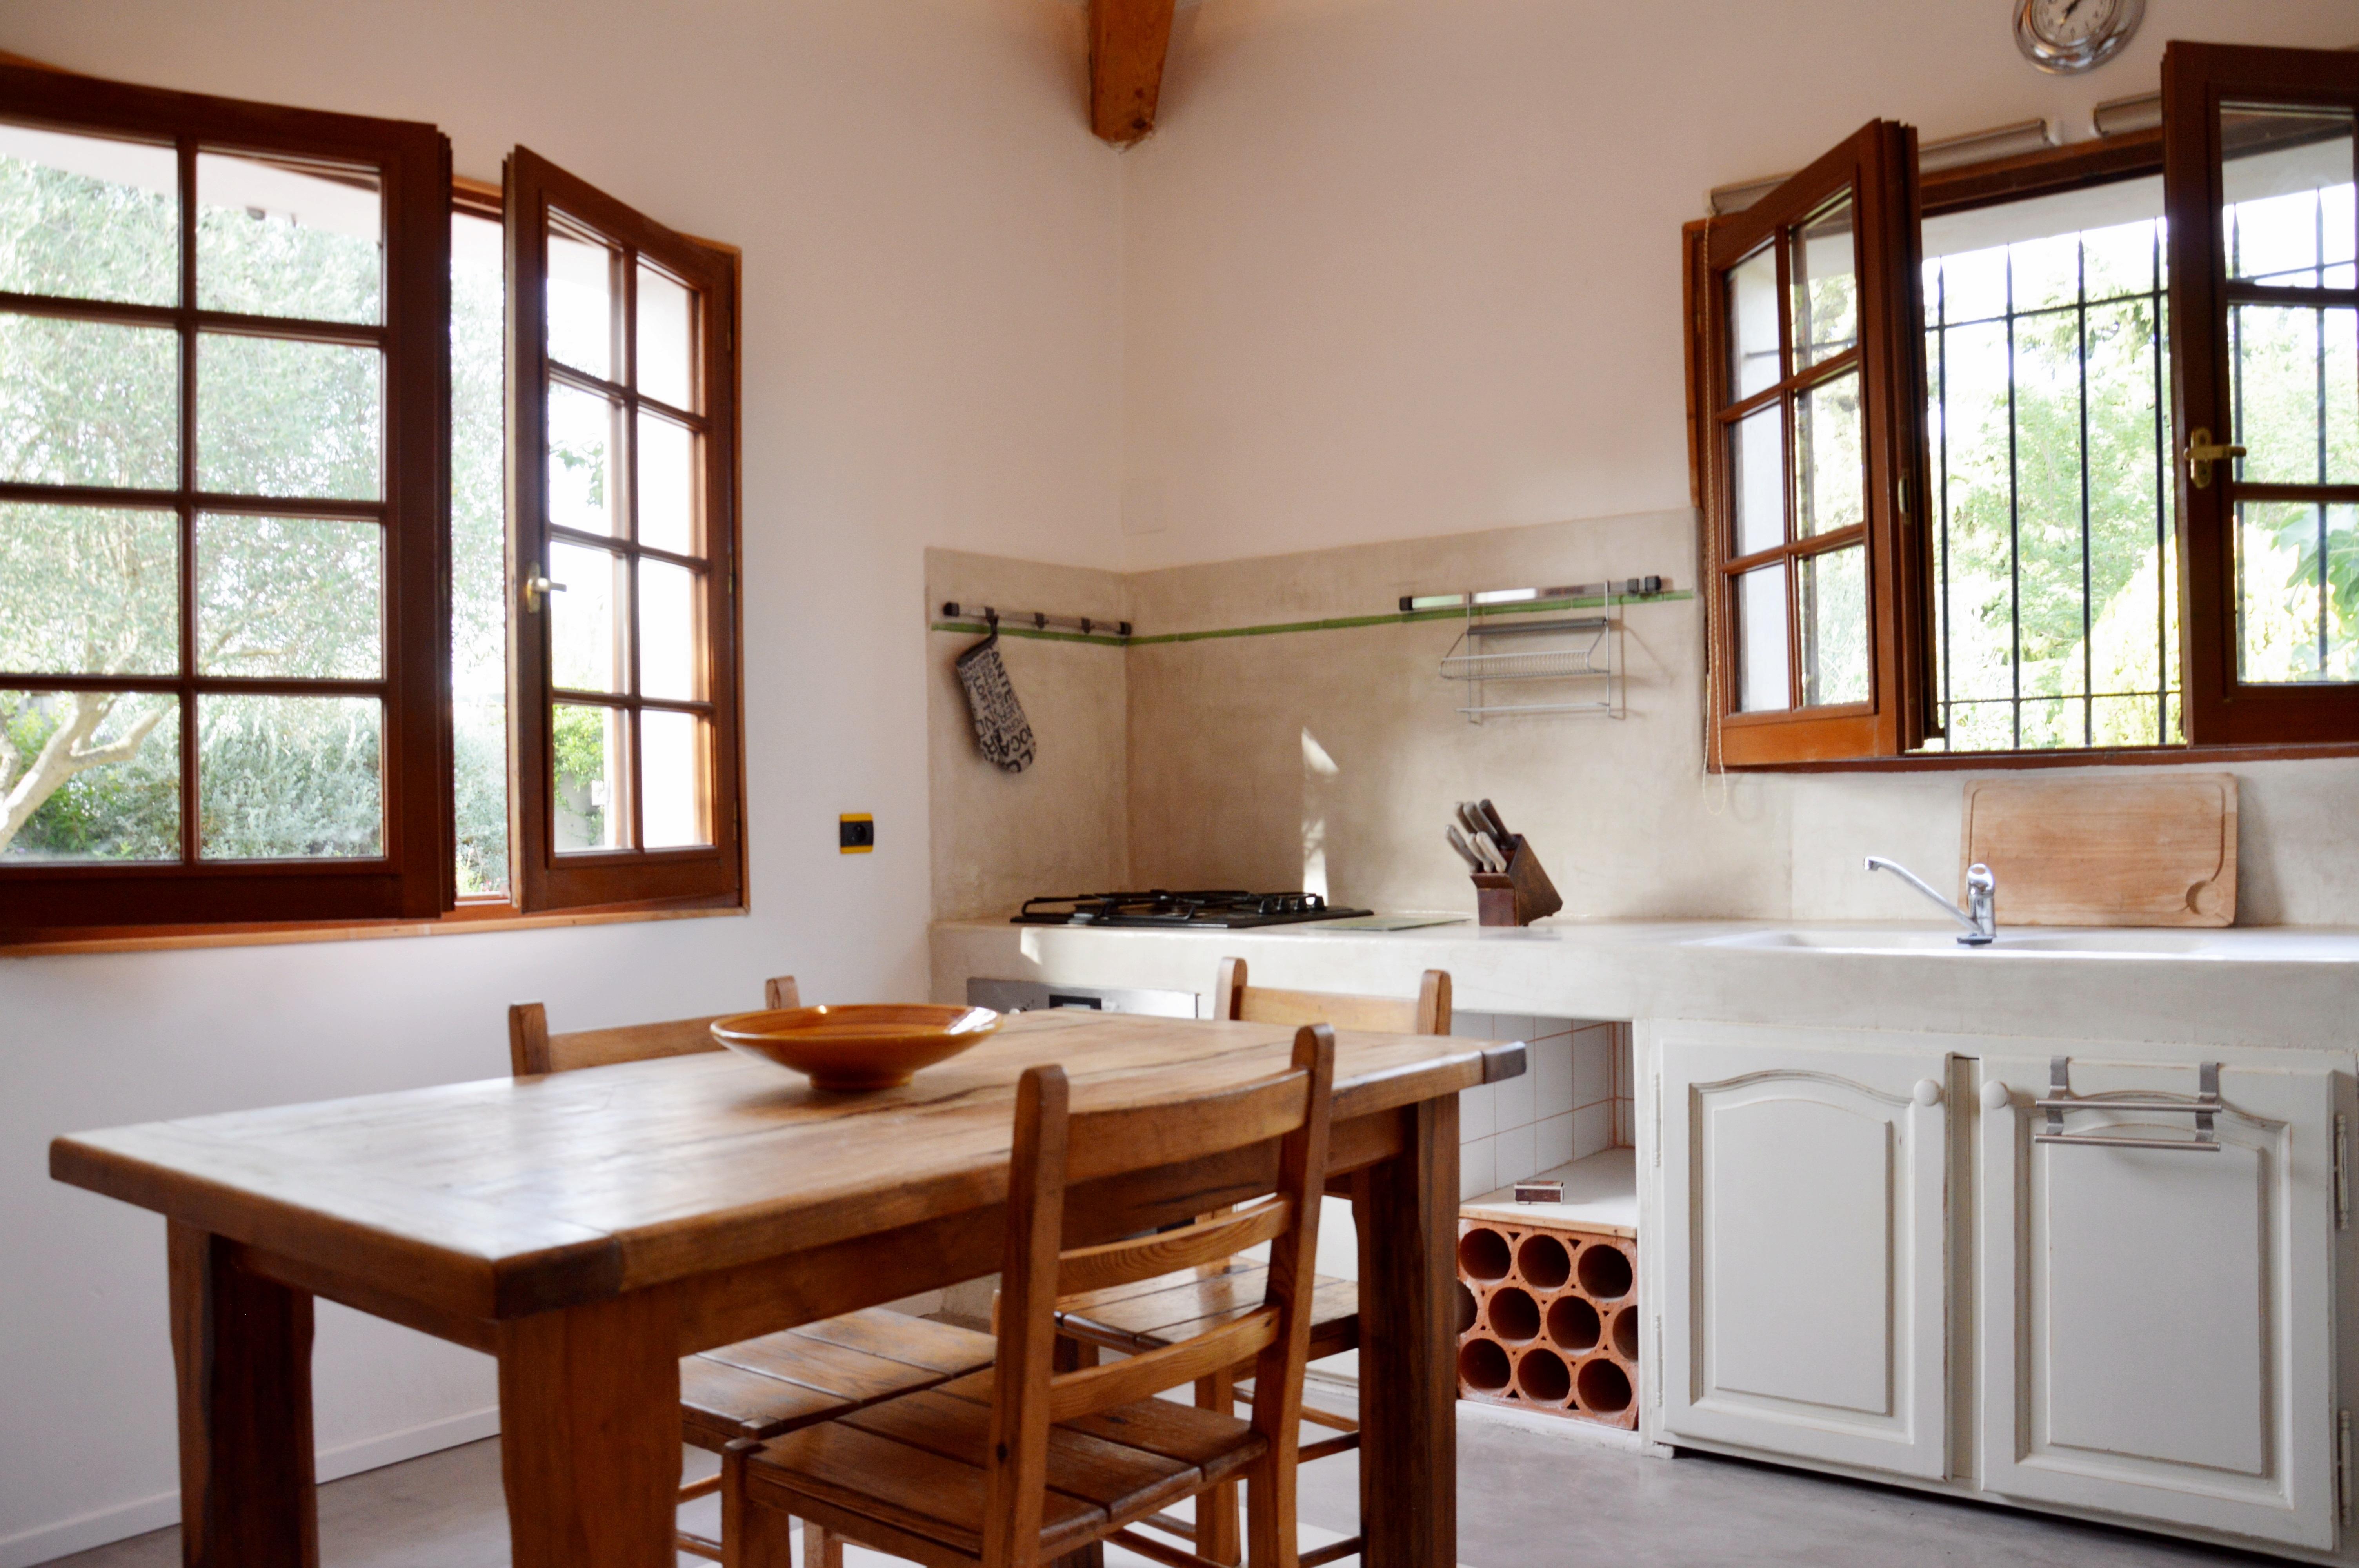 Carrelage Effet Beton Cuisine béton ciré dans une cuisine : conseils et exemples de